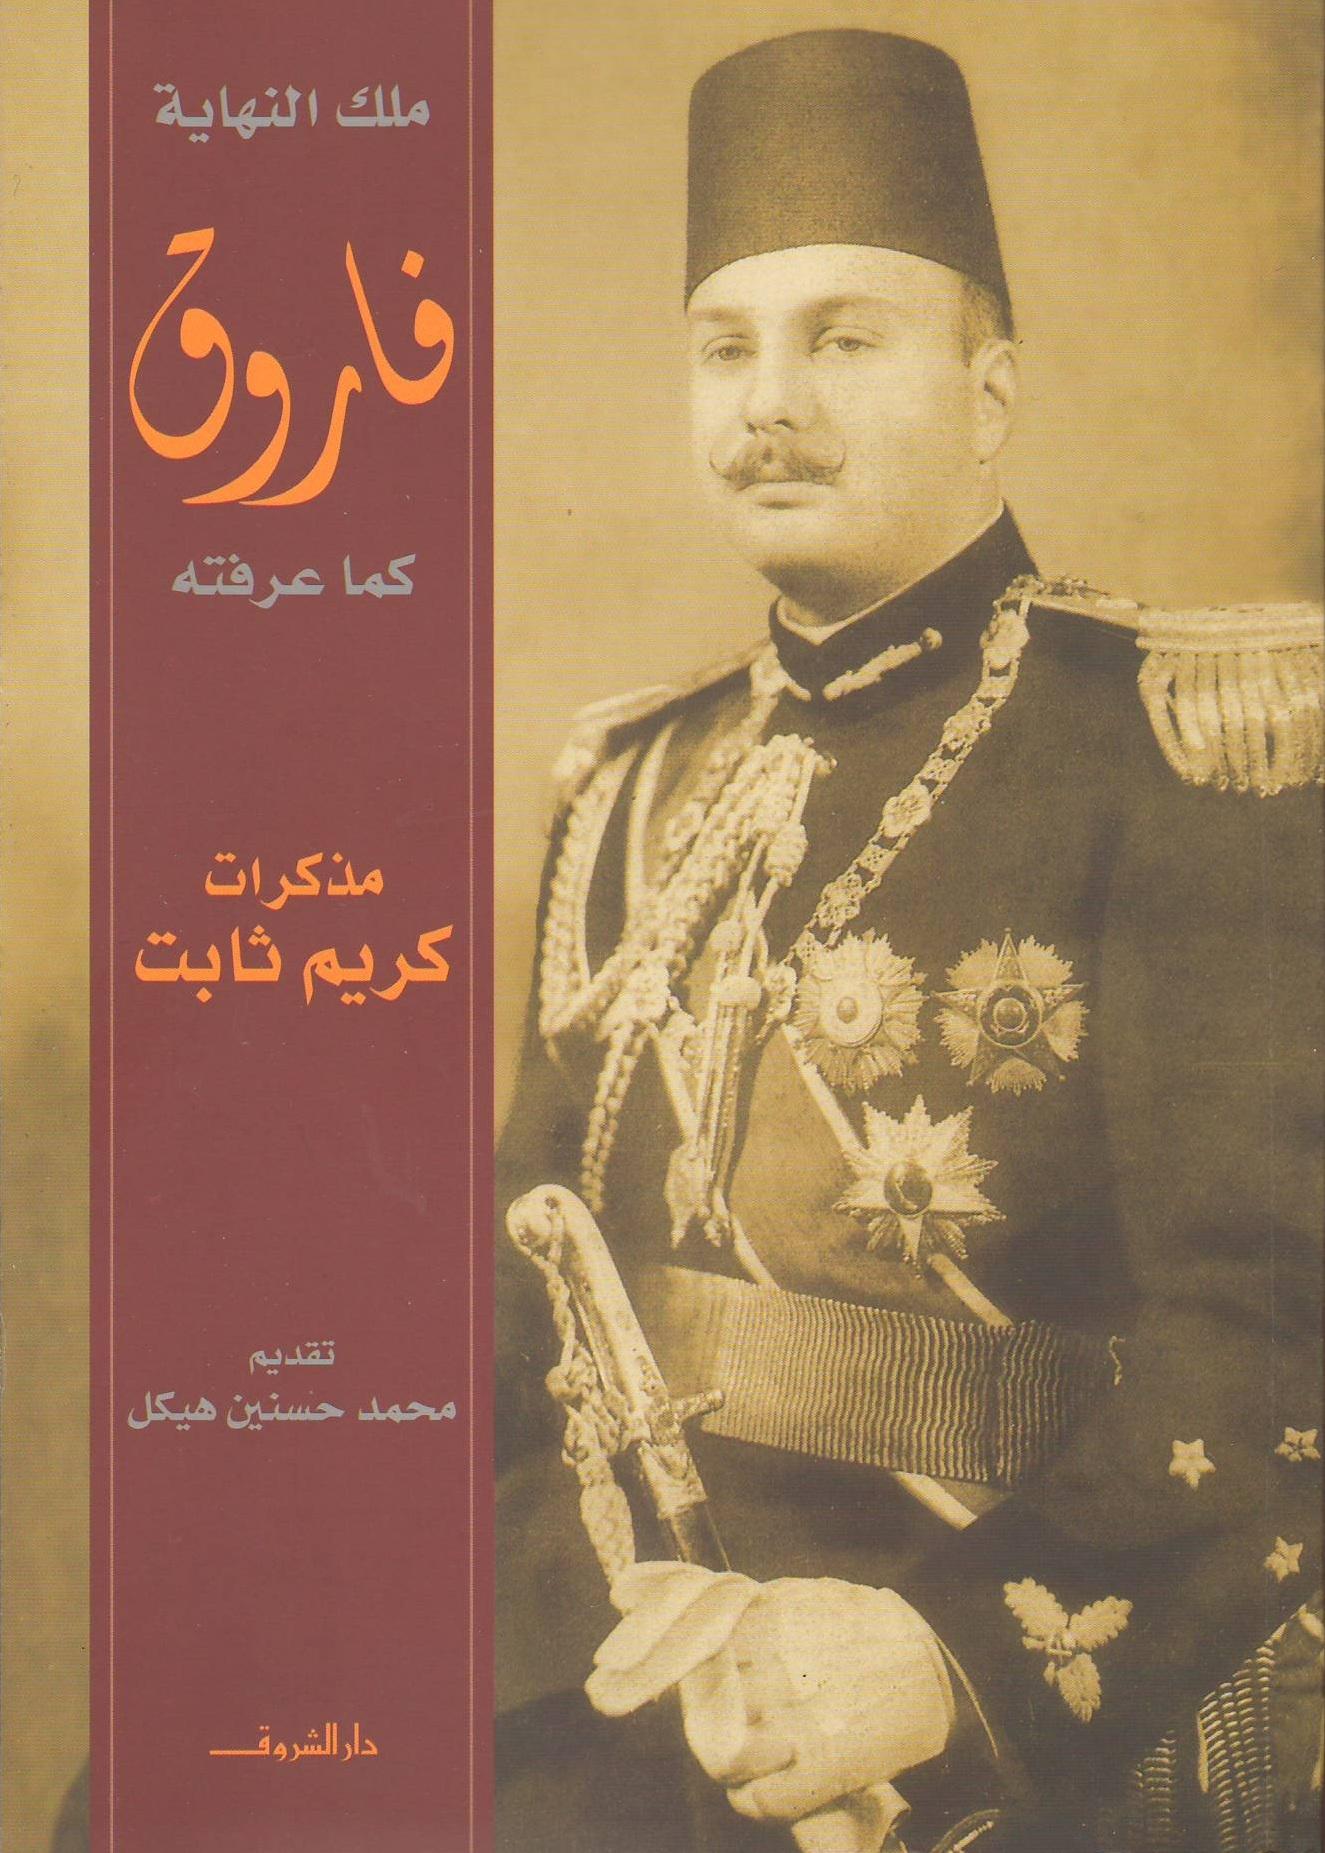 ملك النهاية - فاروق كما عرفته كريم ثابت